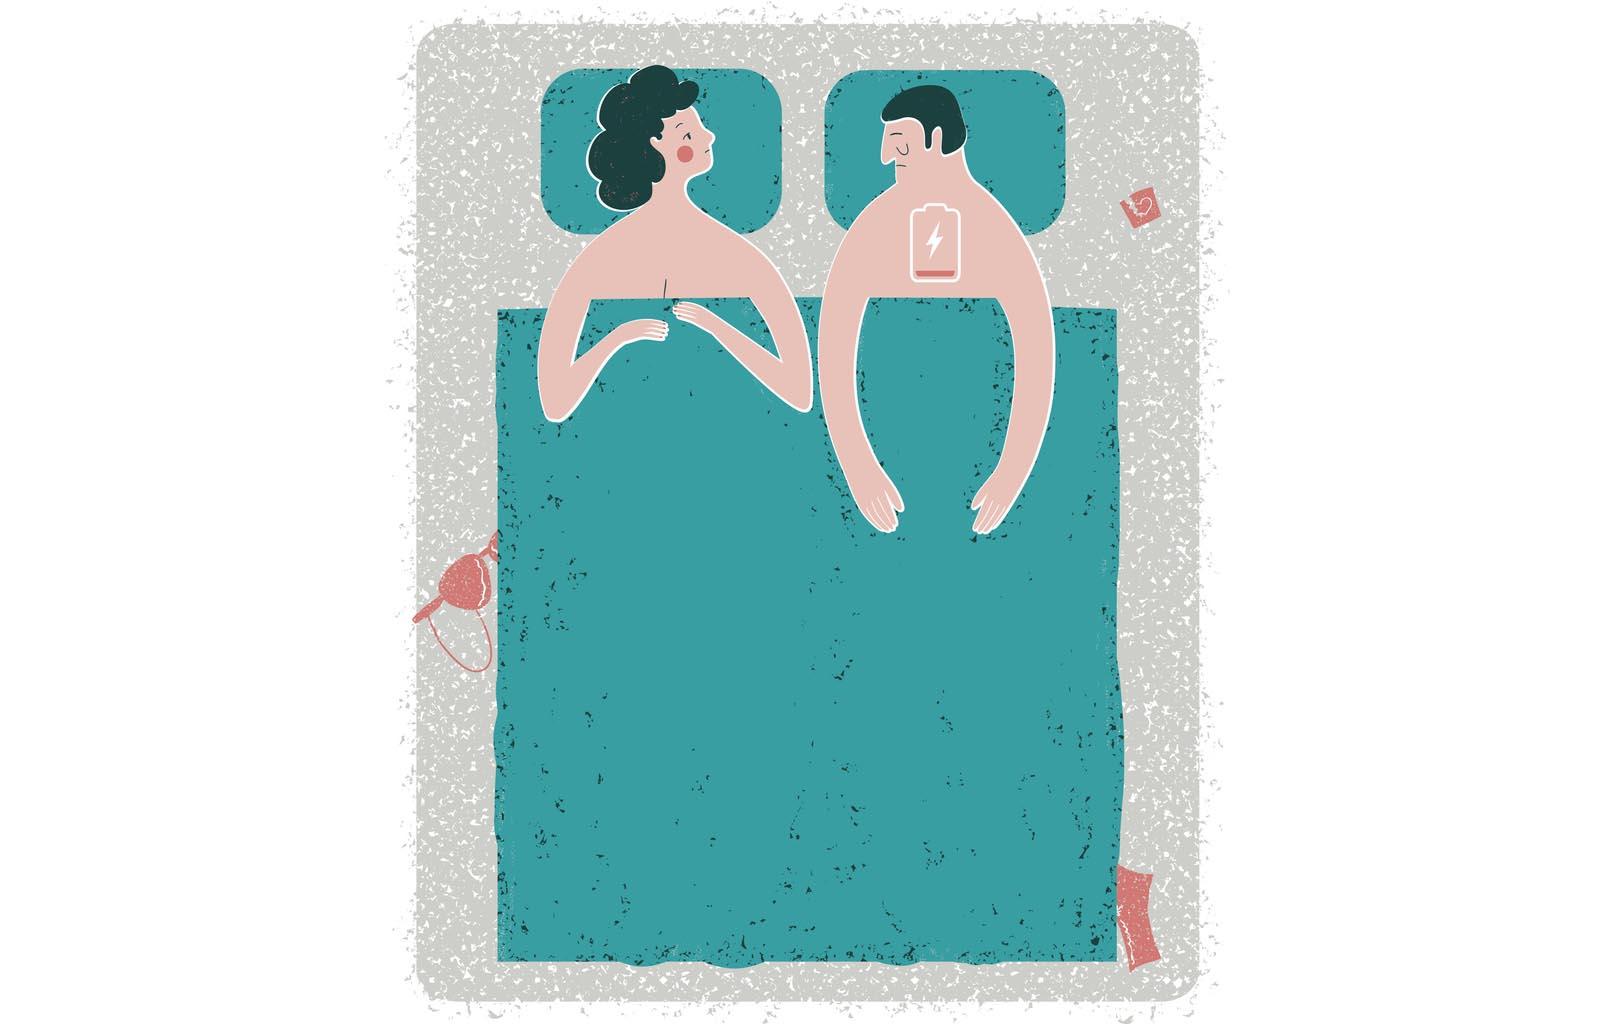 Illustration vectorielle de situation problème intime dans son lit